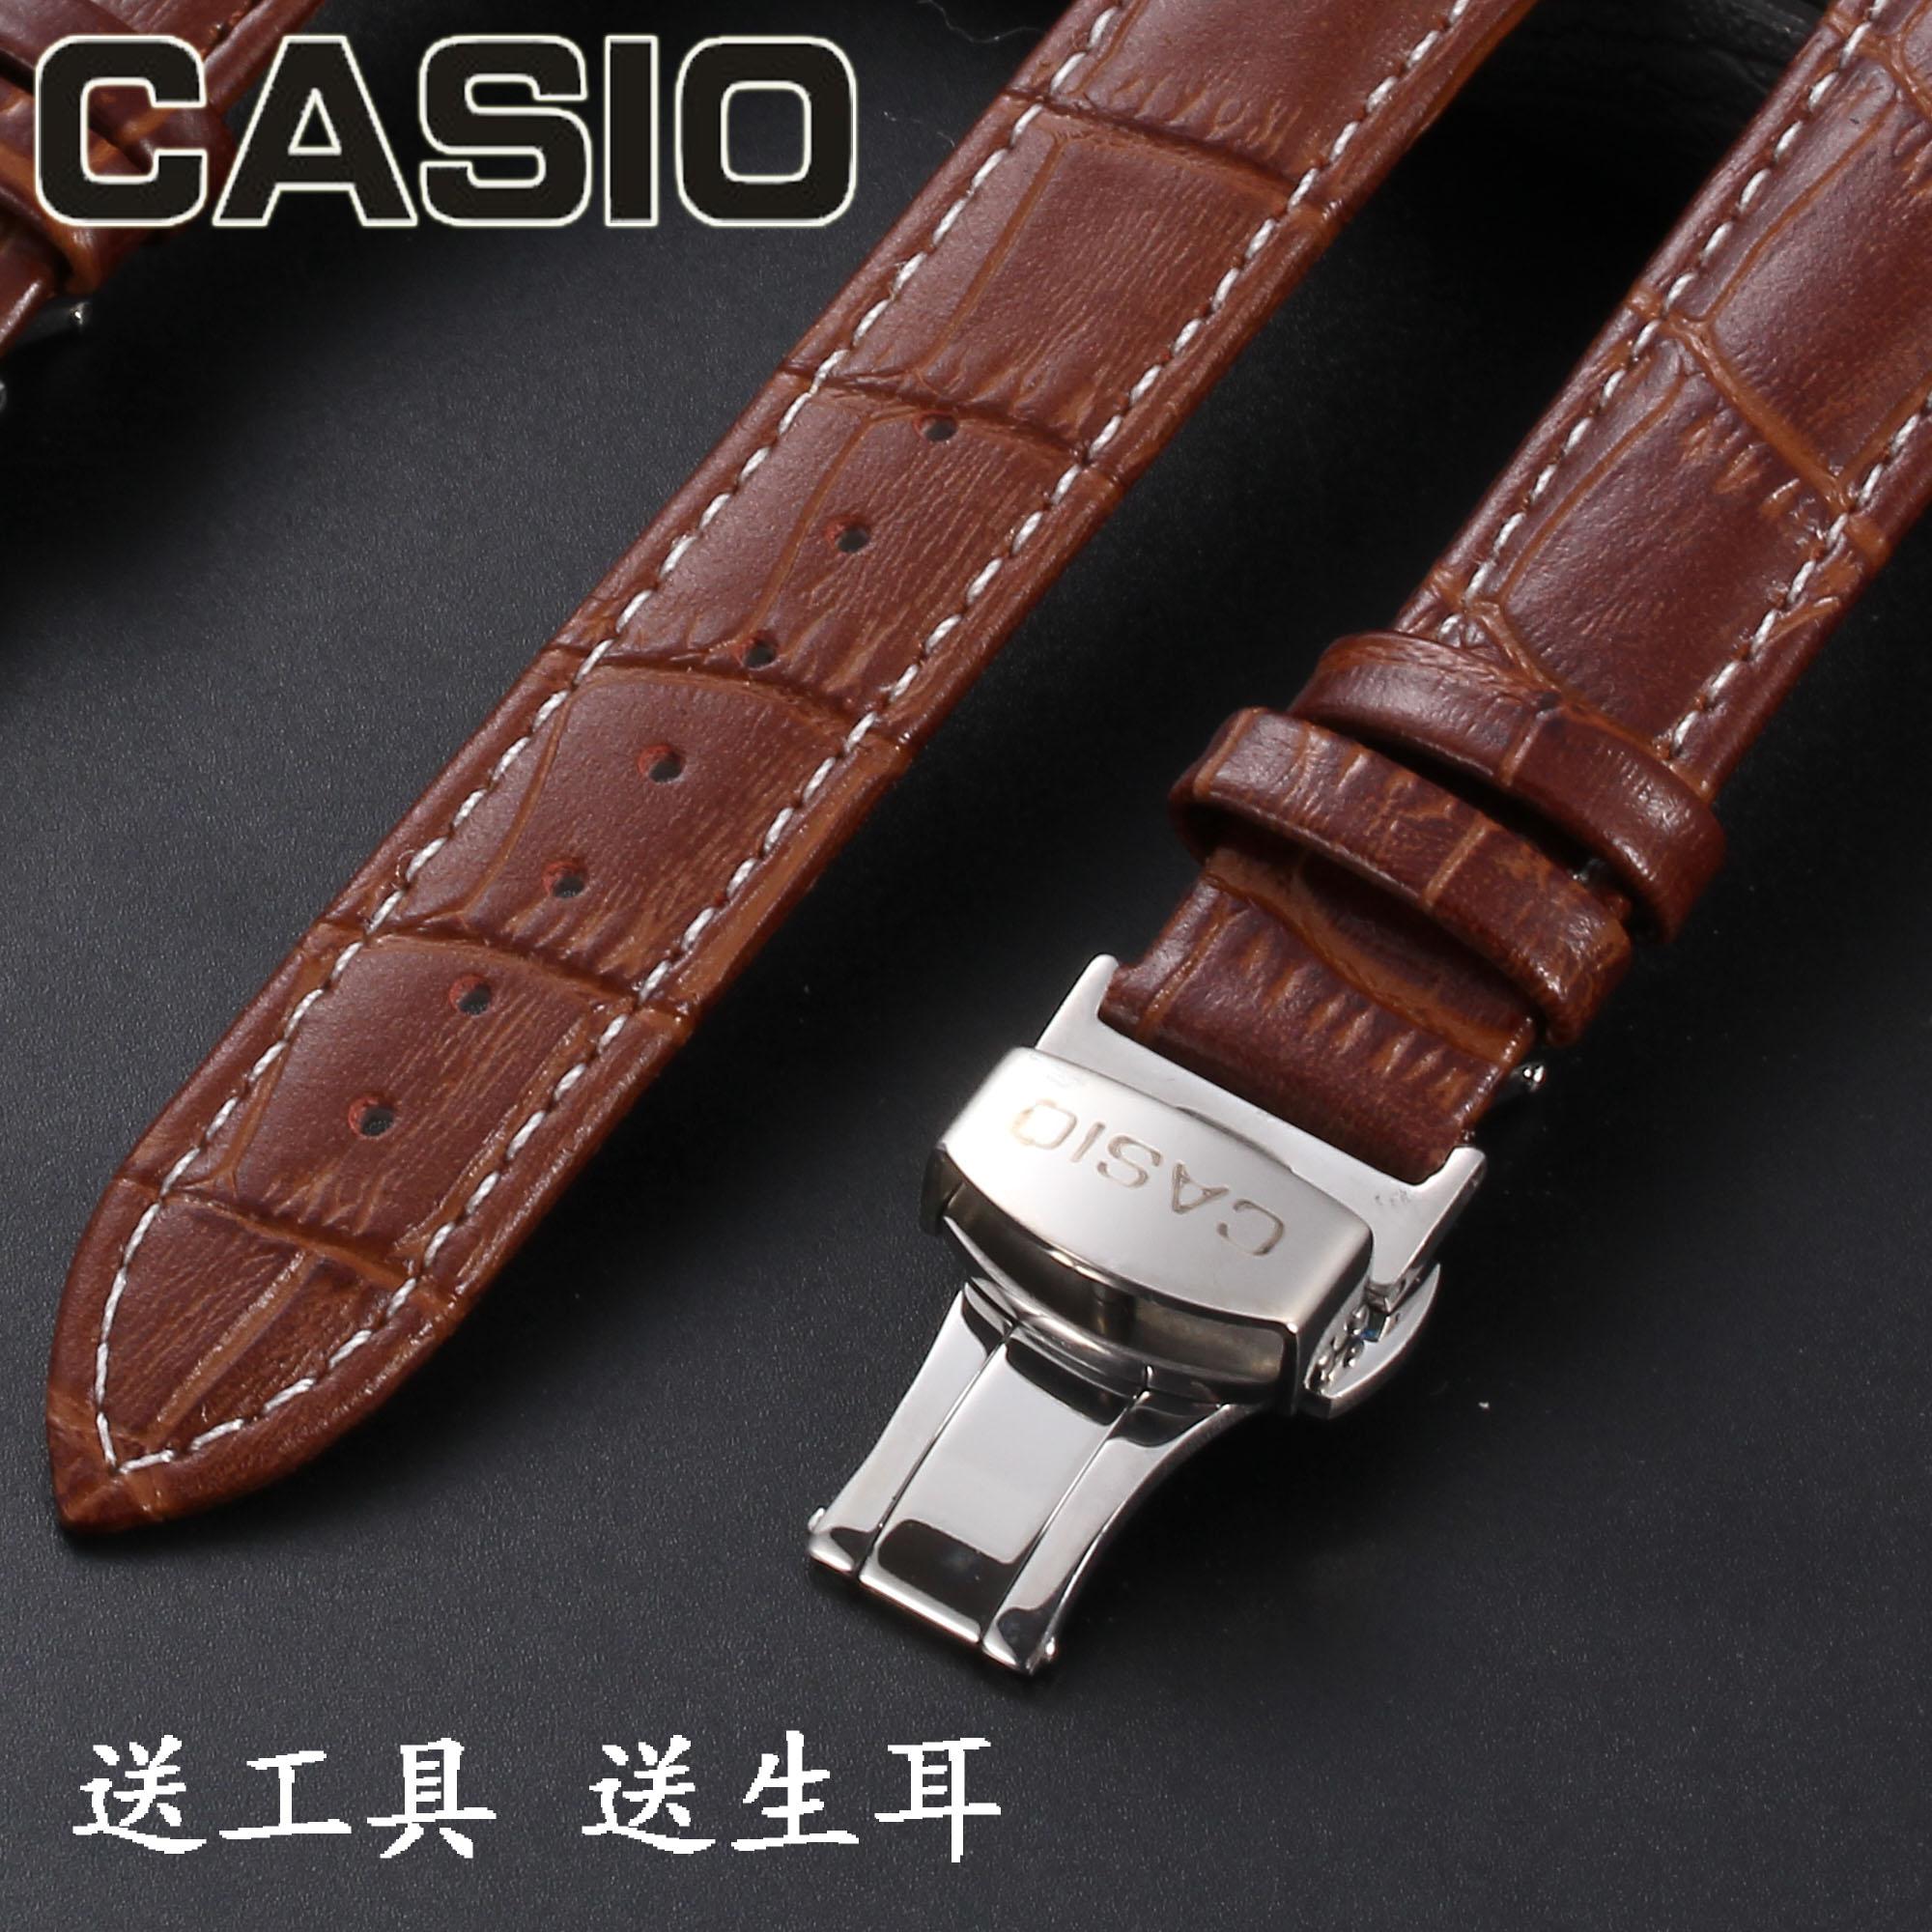 卡西欧表带 男女通用小牛皮真皮表带蝴蝶扣506 517手表配件20mm22